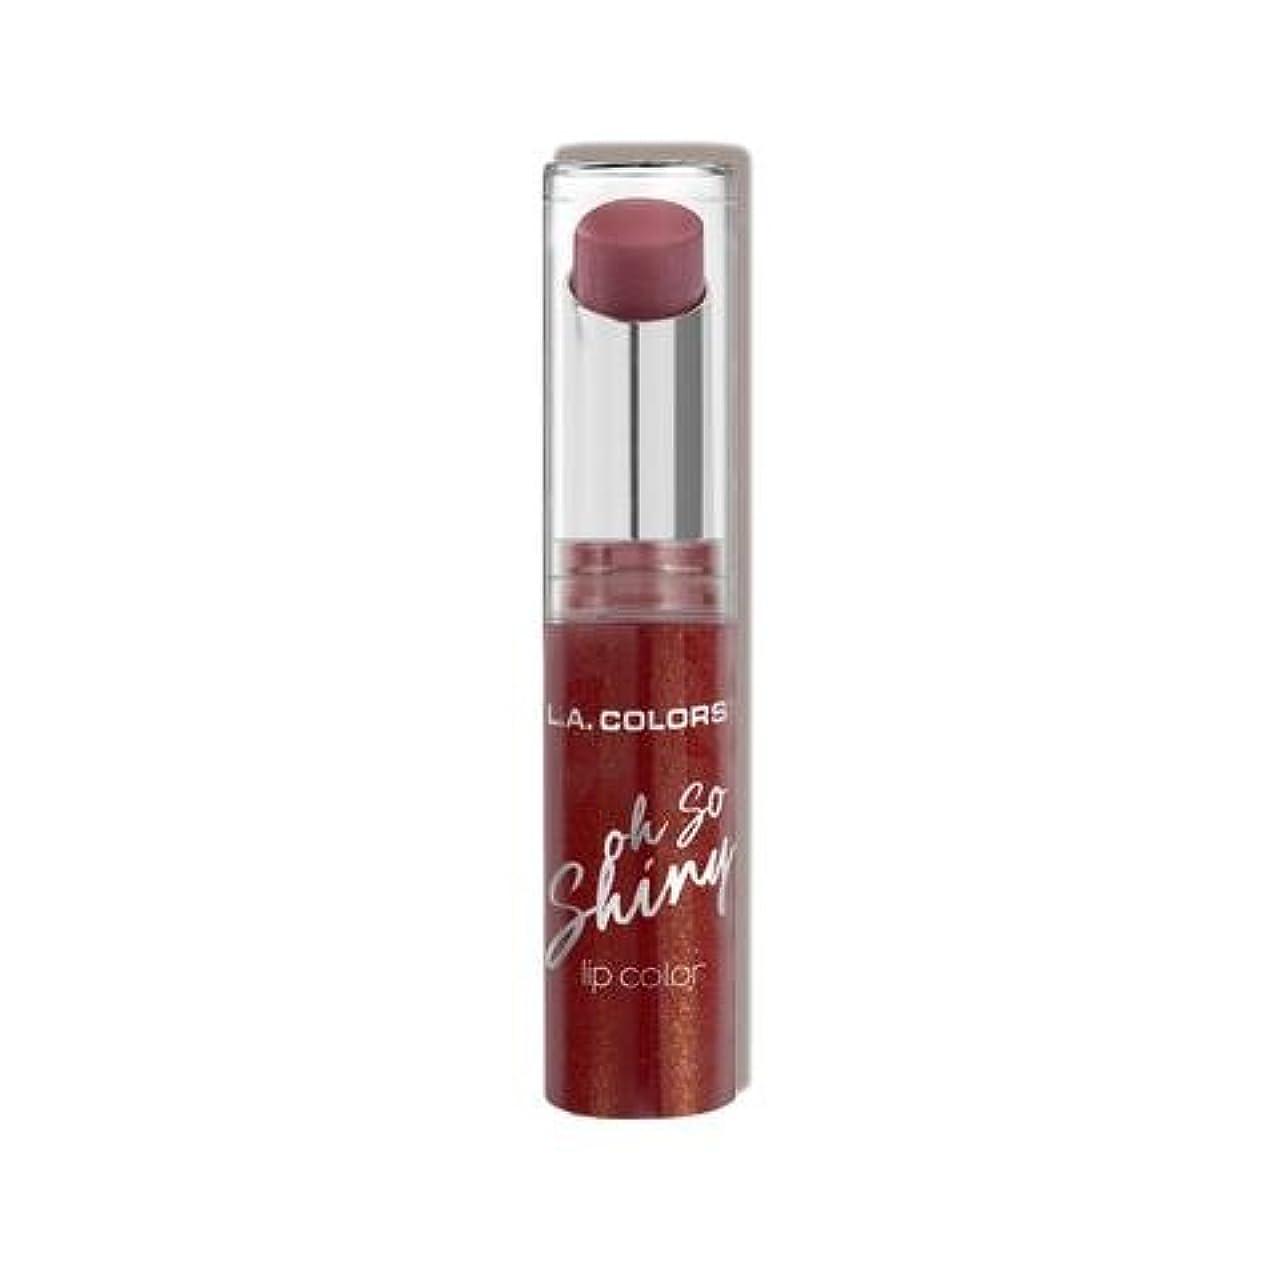 誘うファンネルウェブスパイダー軽食(3 Pack) L.A. COLORS Oh So Shiny Lip Color - Ruby Shine (並行輸入品)